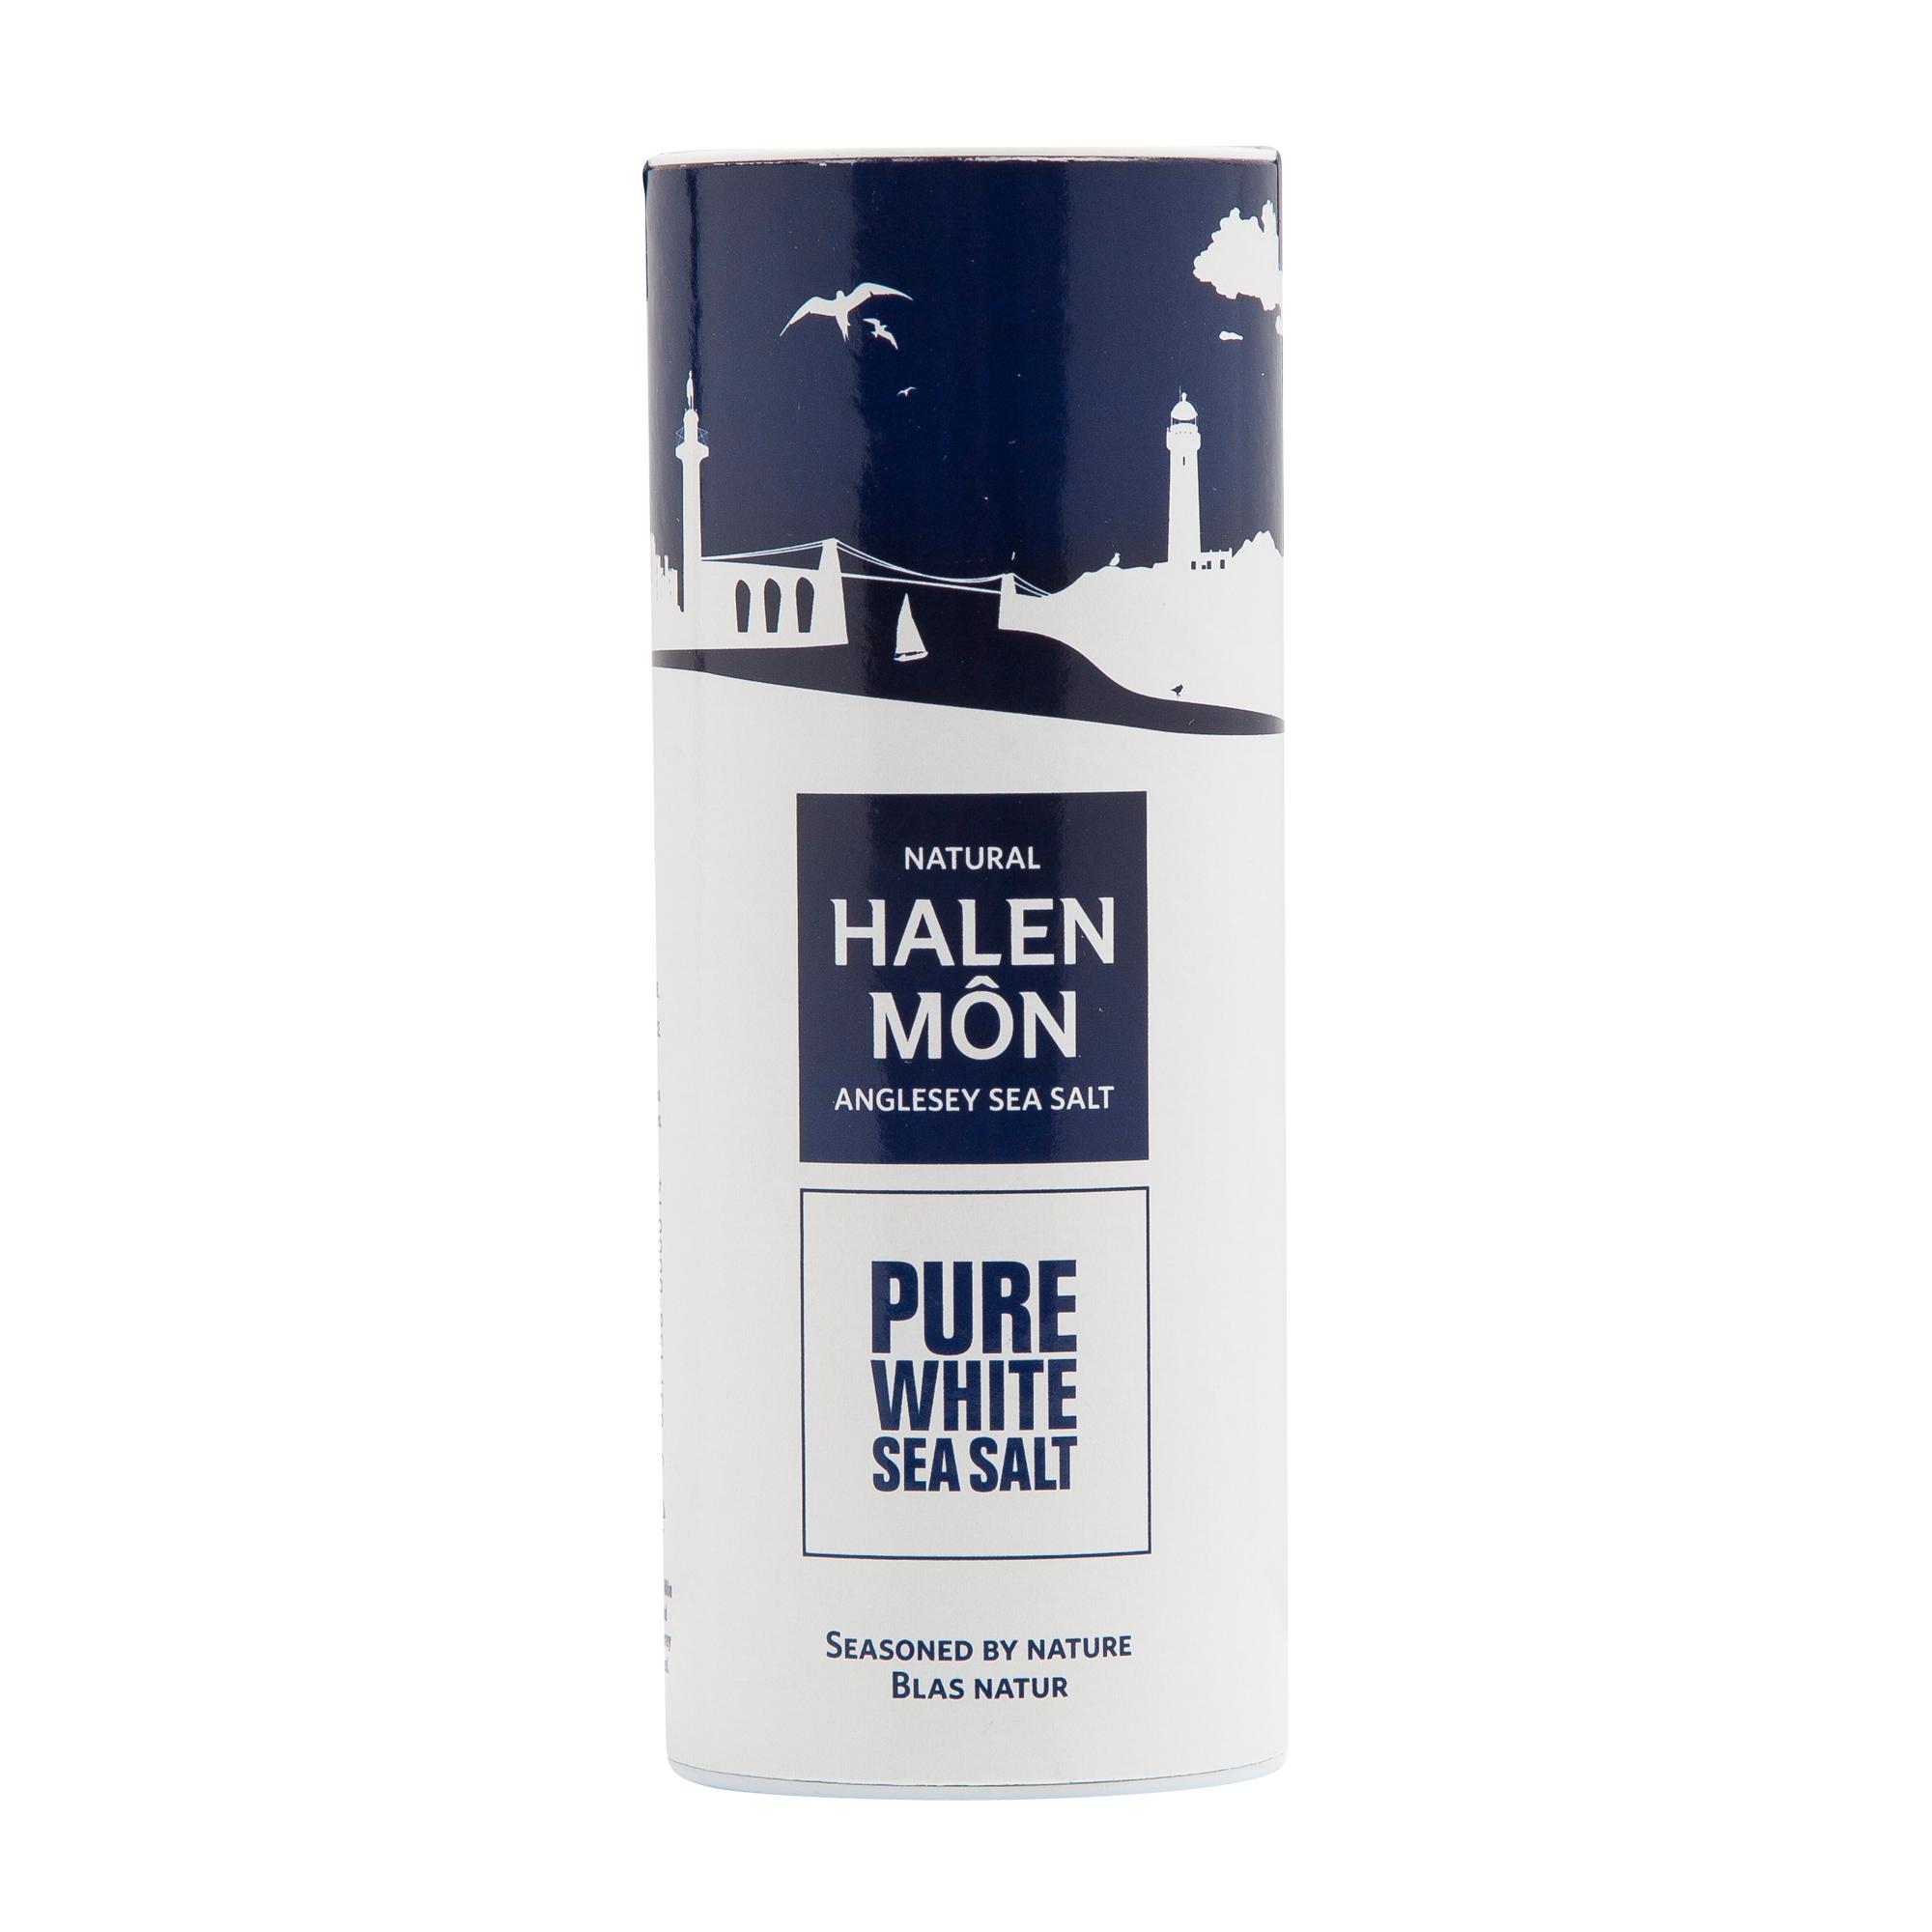 Halen Mon Pure White